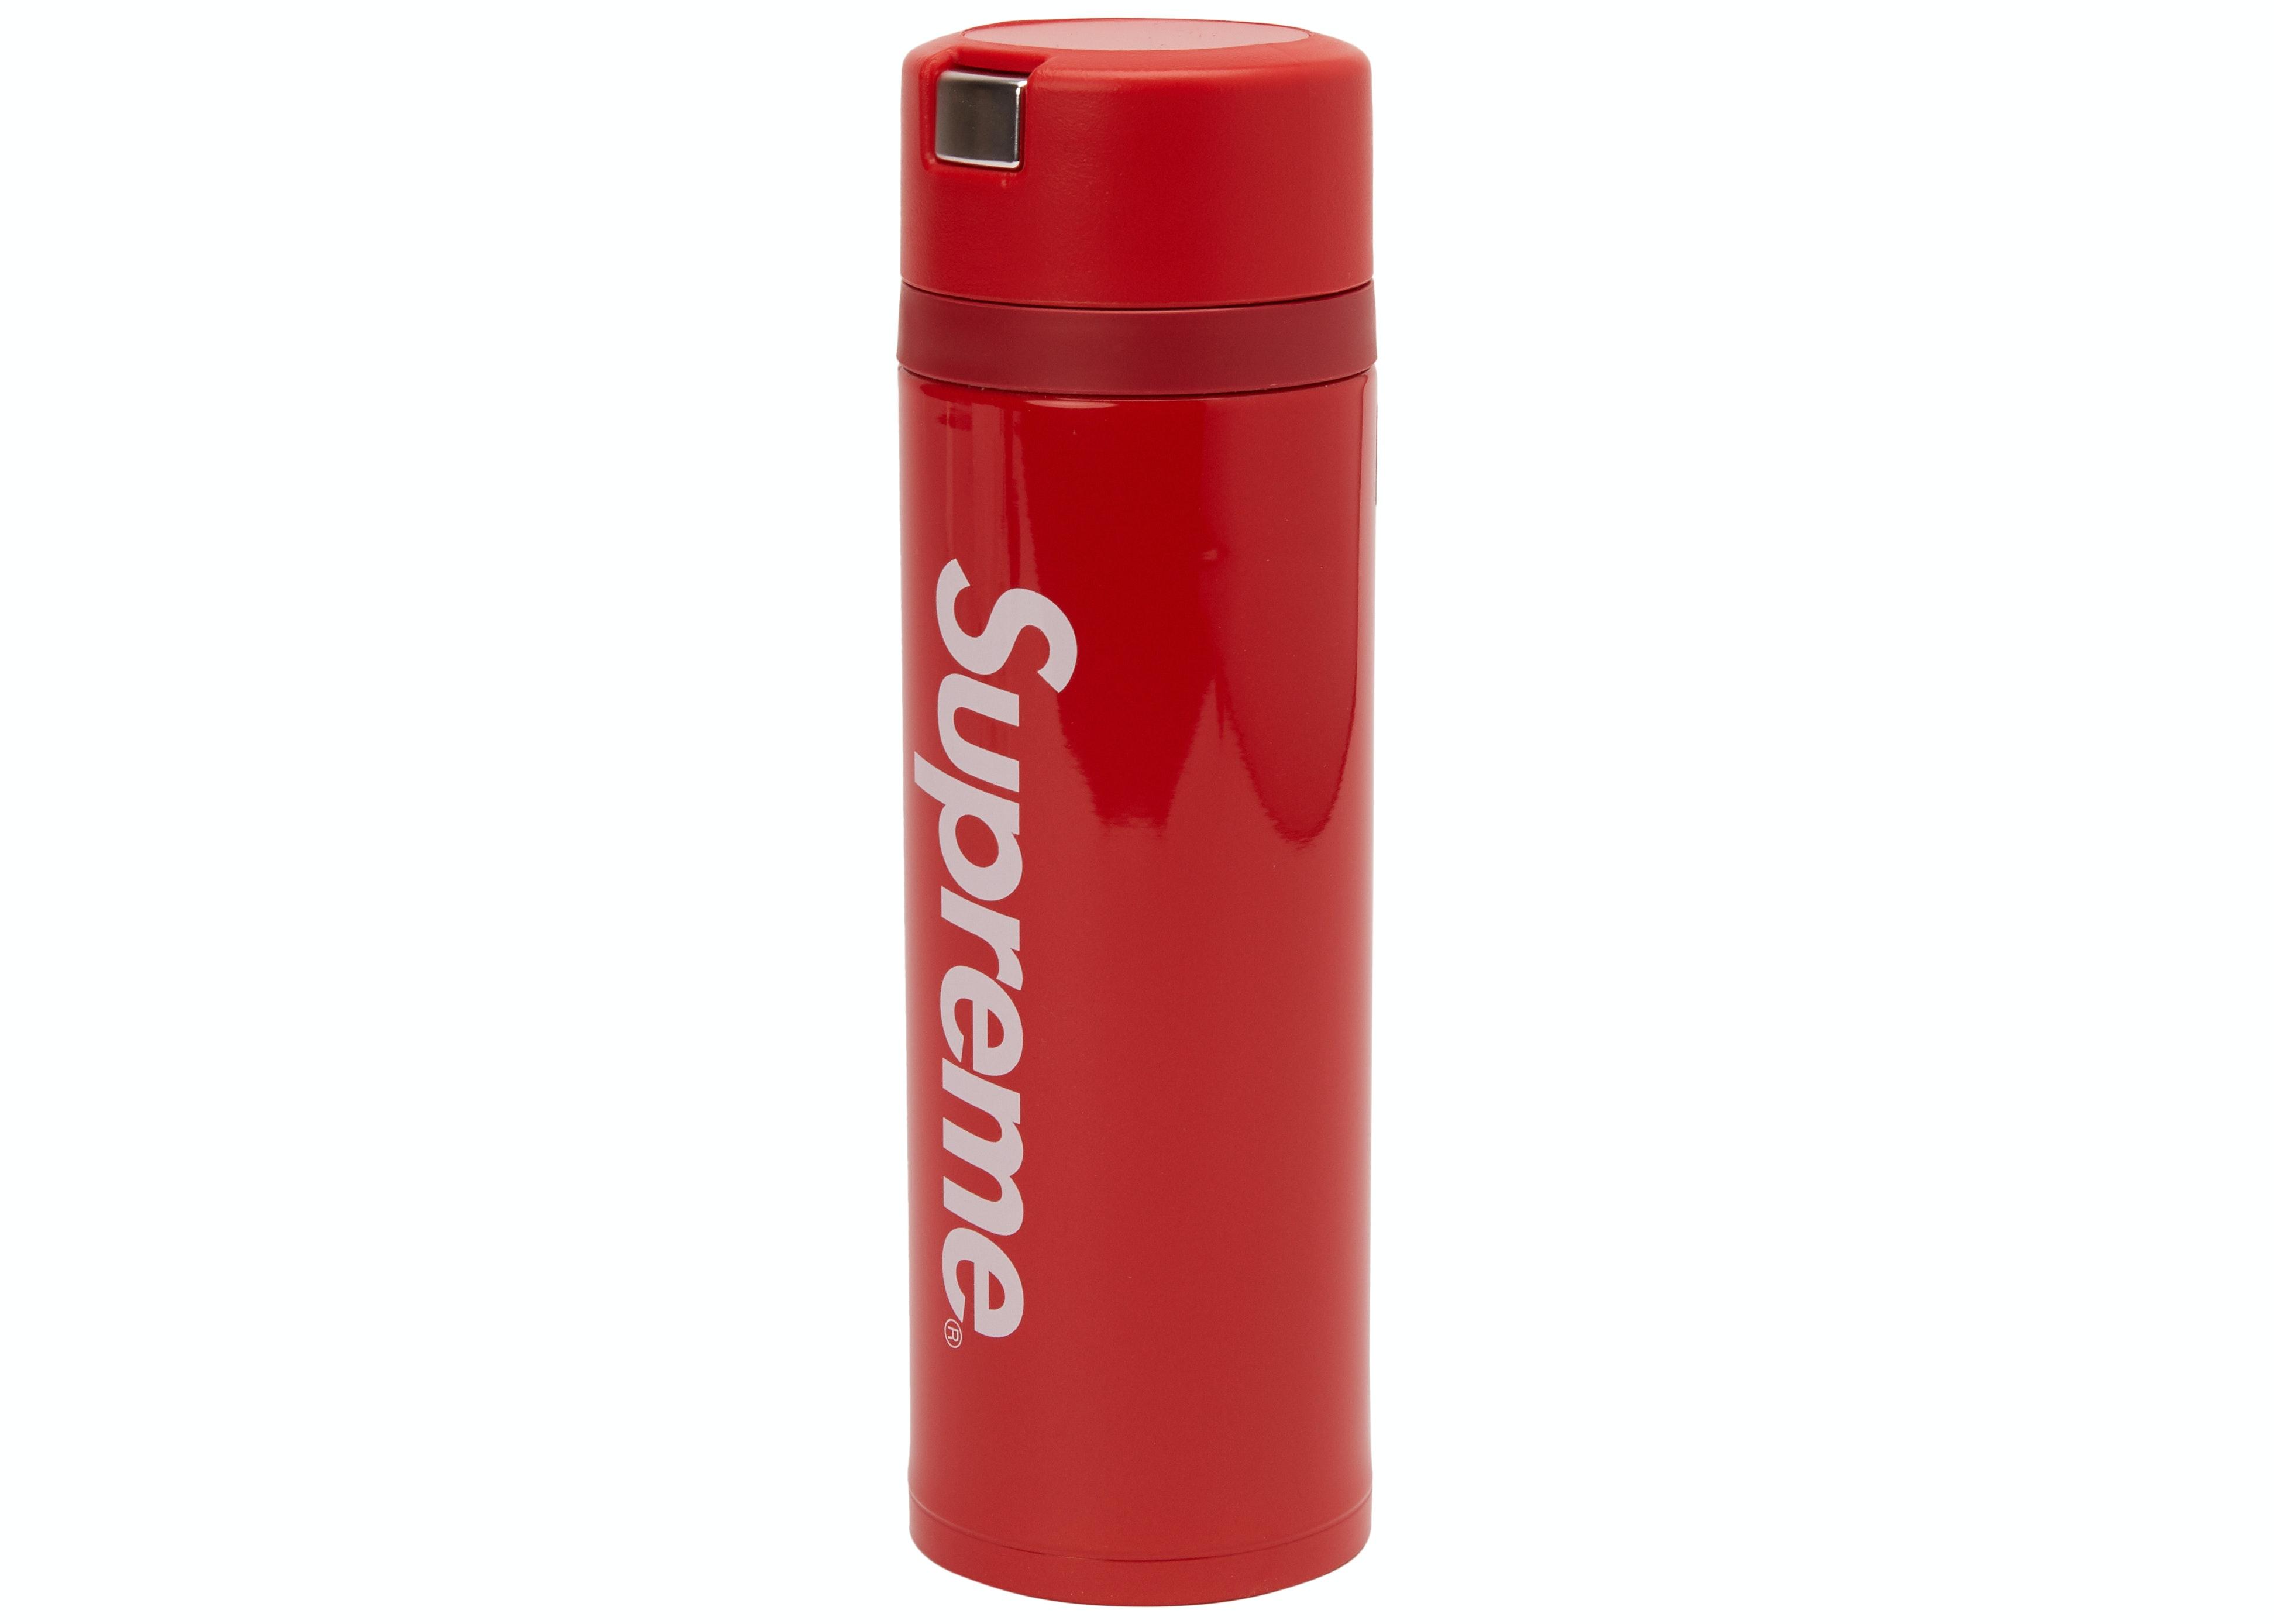 Supreme Zojirushi Stainless Steel Mug Red